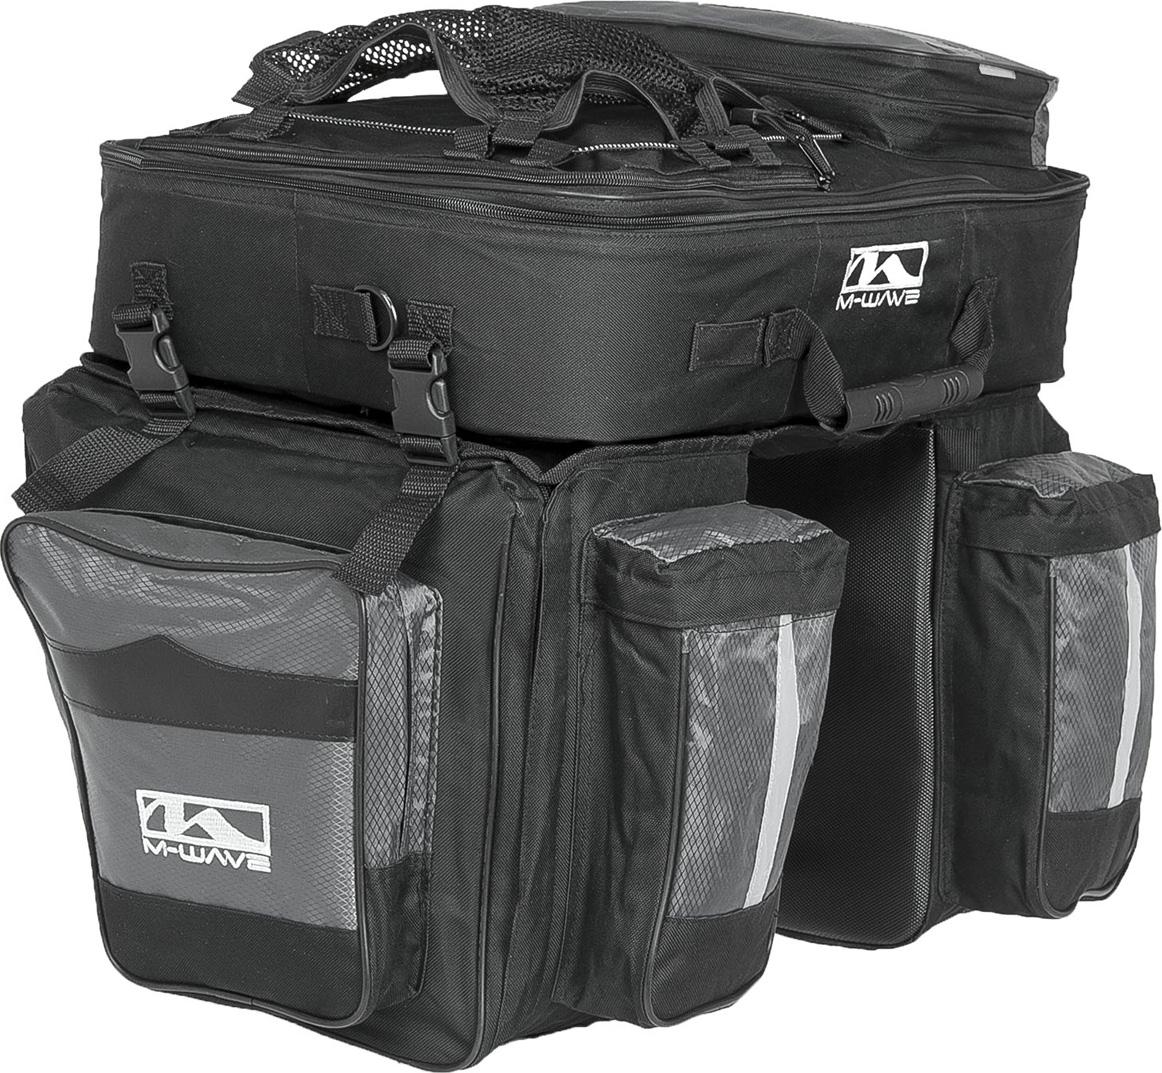 Велосумка-штаны на багажник M-Wave L, трехобъемная с верхним съемным рюкзаком, 62 л